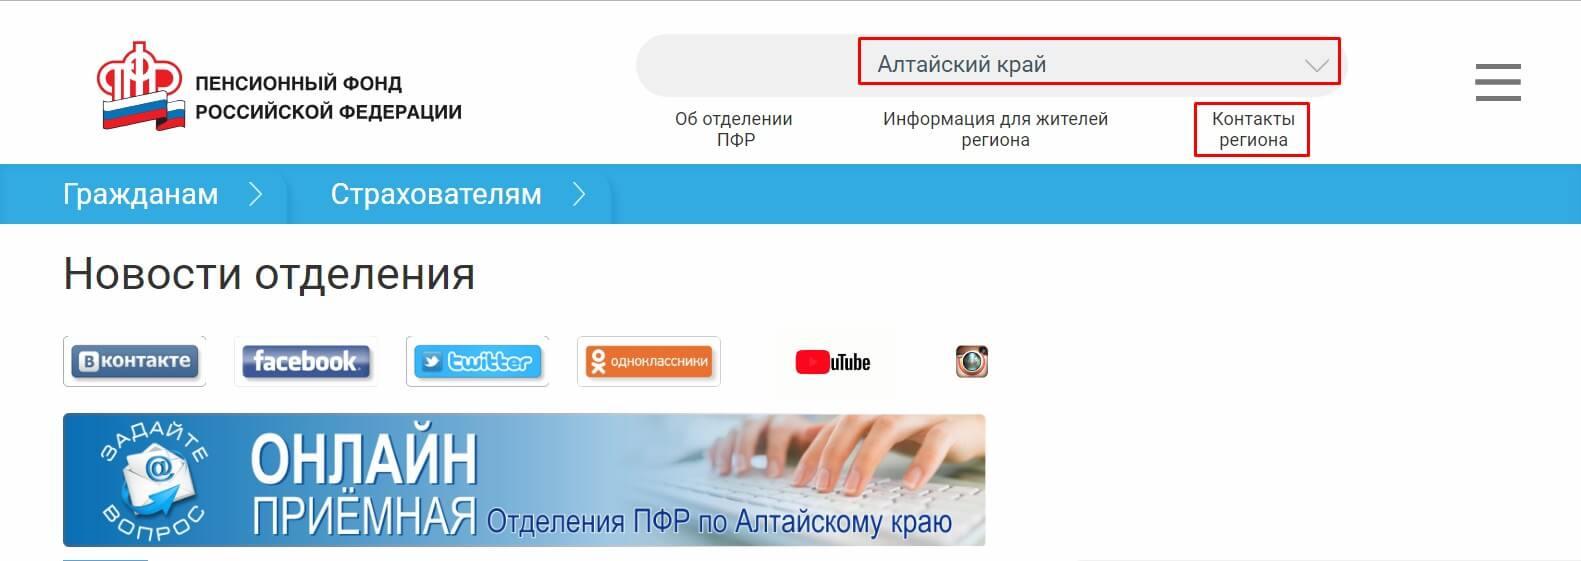 Пенсионный фонд Баевского района